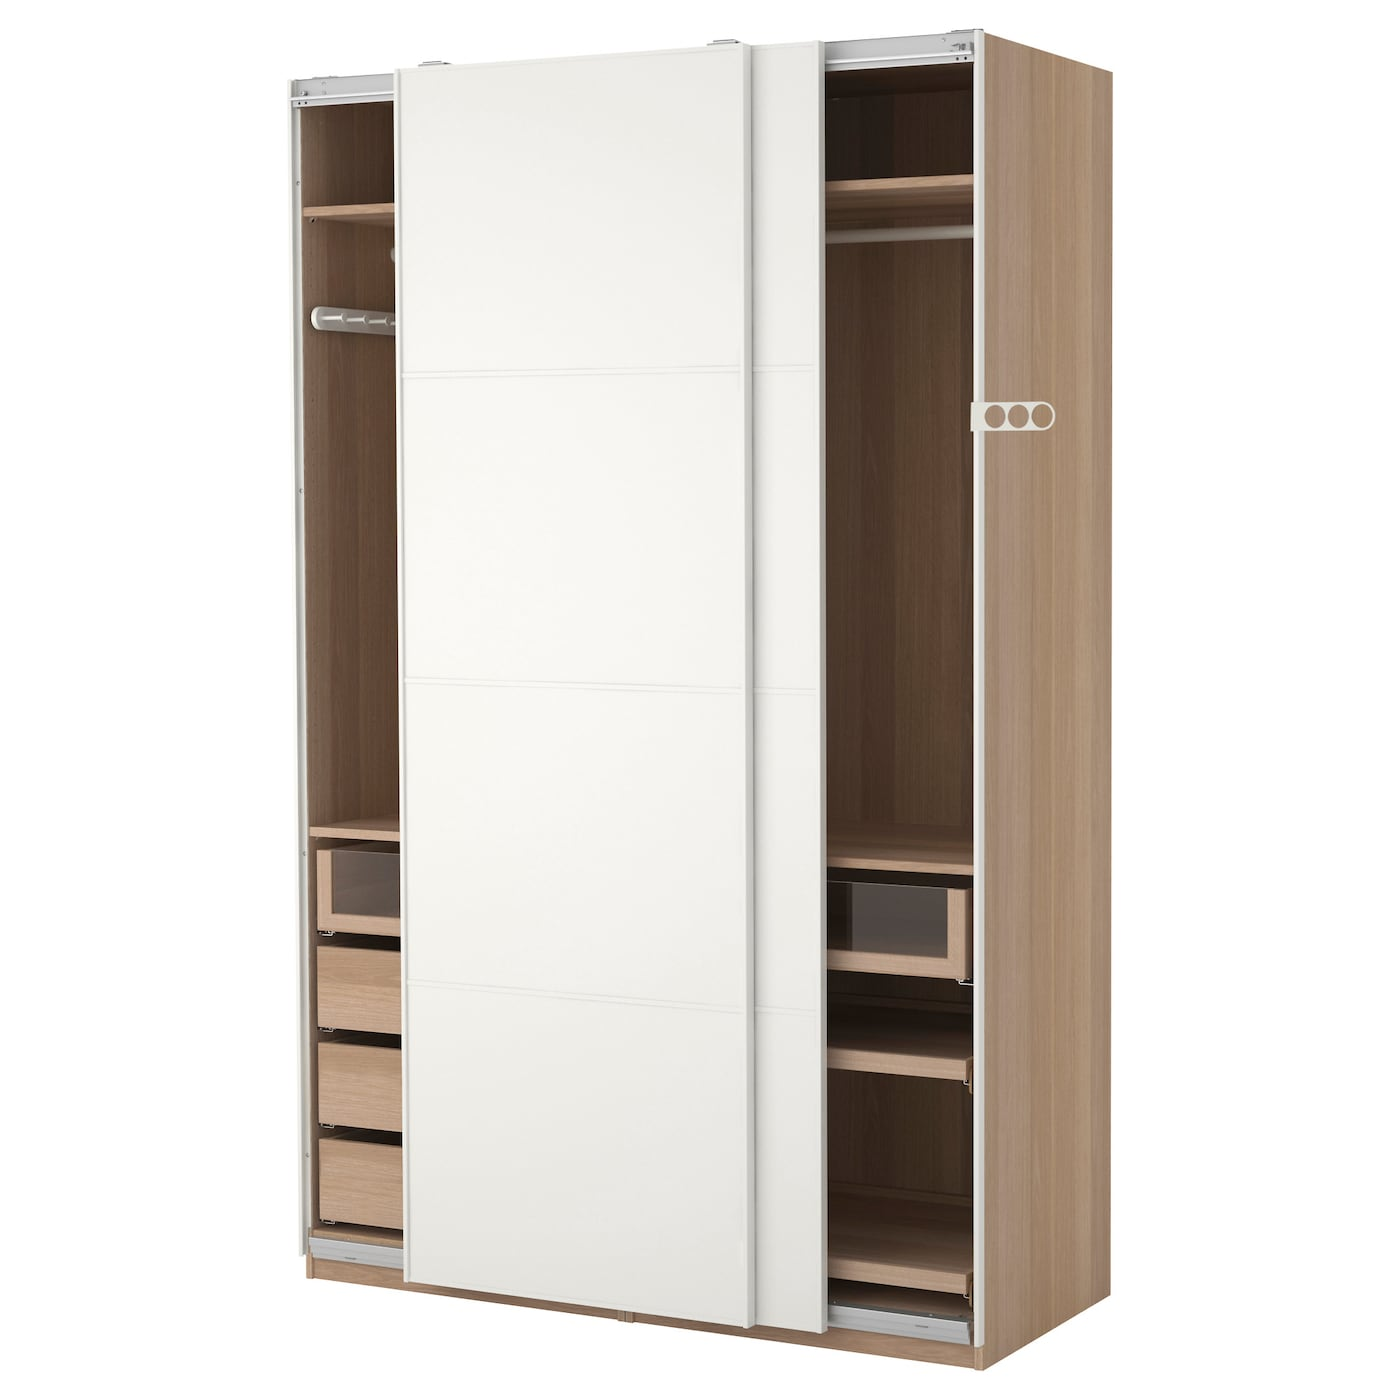 PAX Kleiderschrank - 200x66x236 cm, Schiebetürdämpfer - IKEA